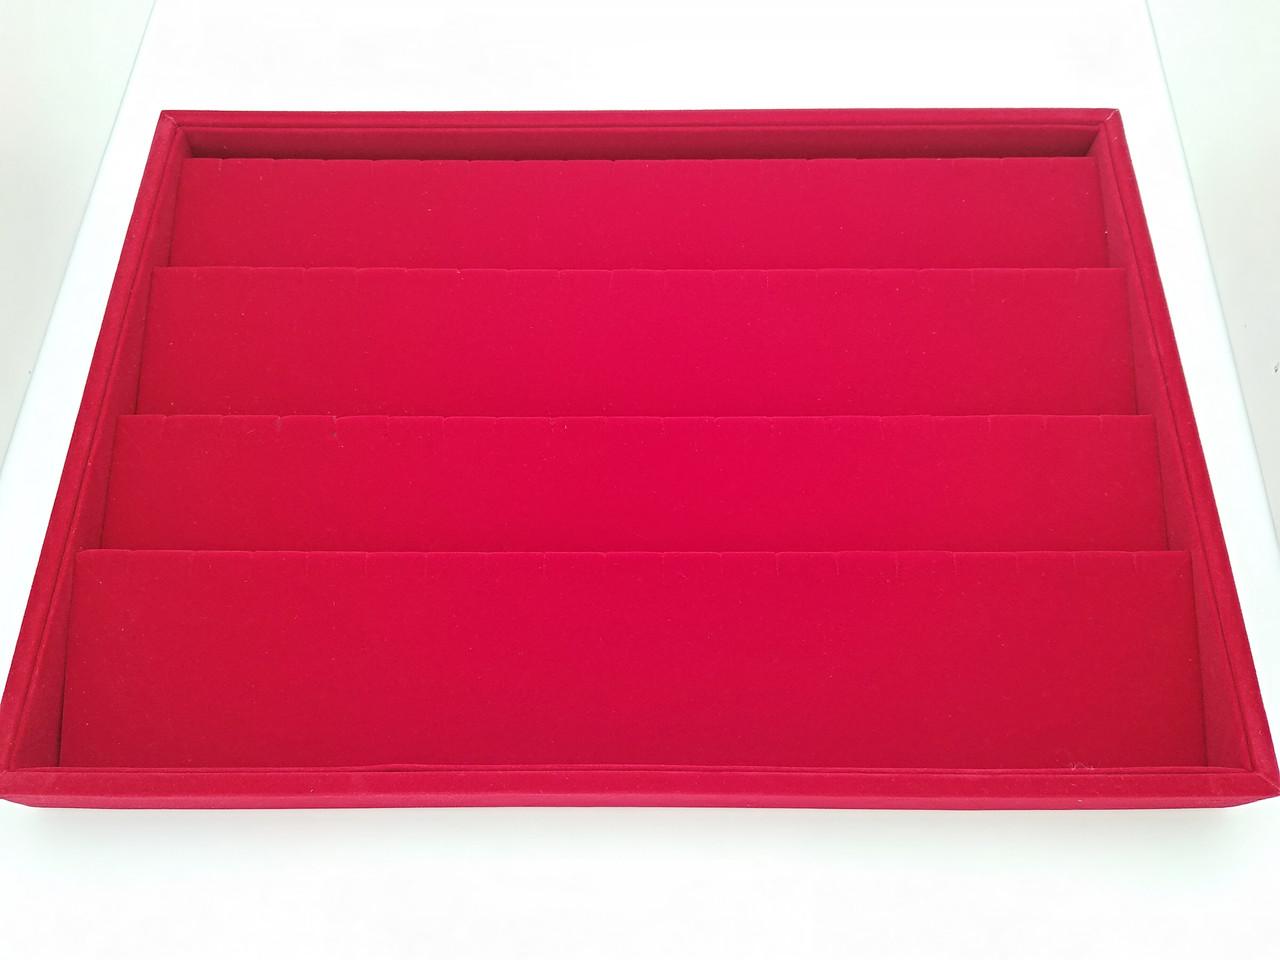 Ювелирный планшет BOXSHOP - 1116047252